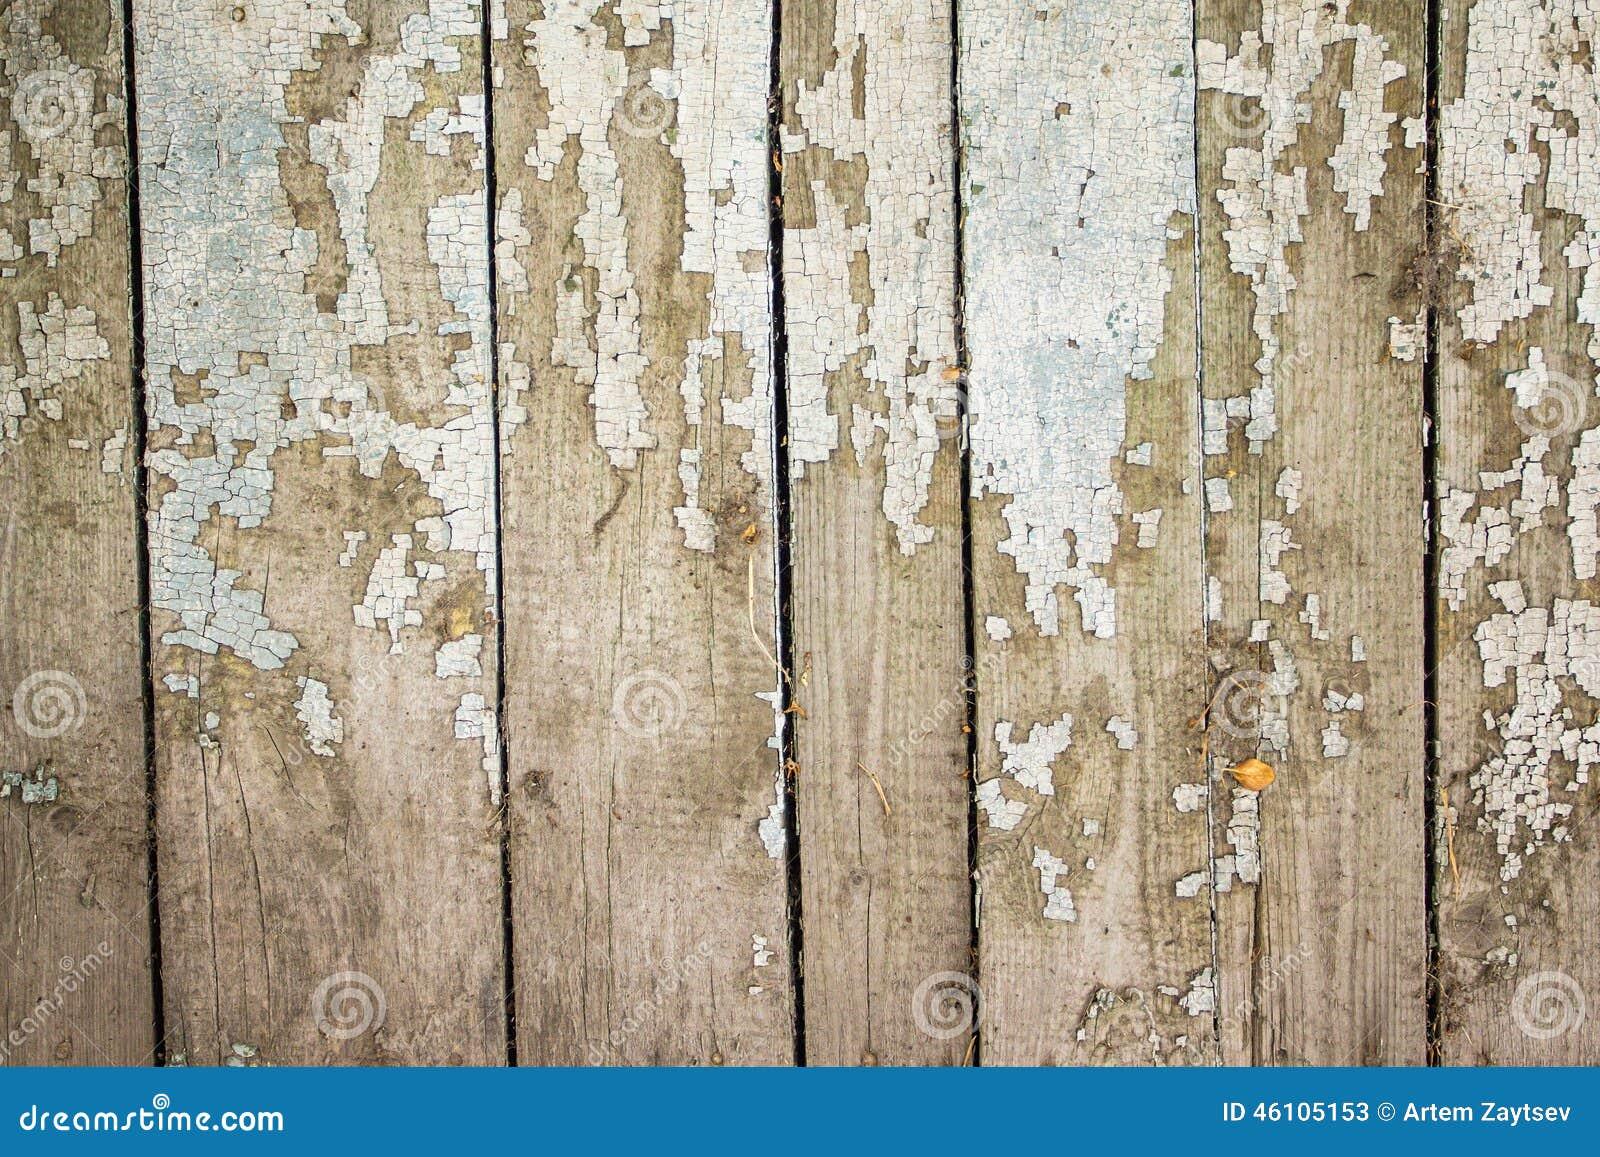 Vieilles planches en bois peintes de fond photo stock for Vieille planche de bois